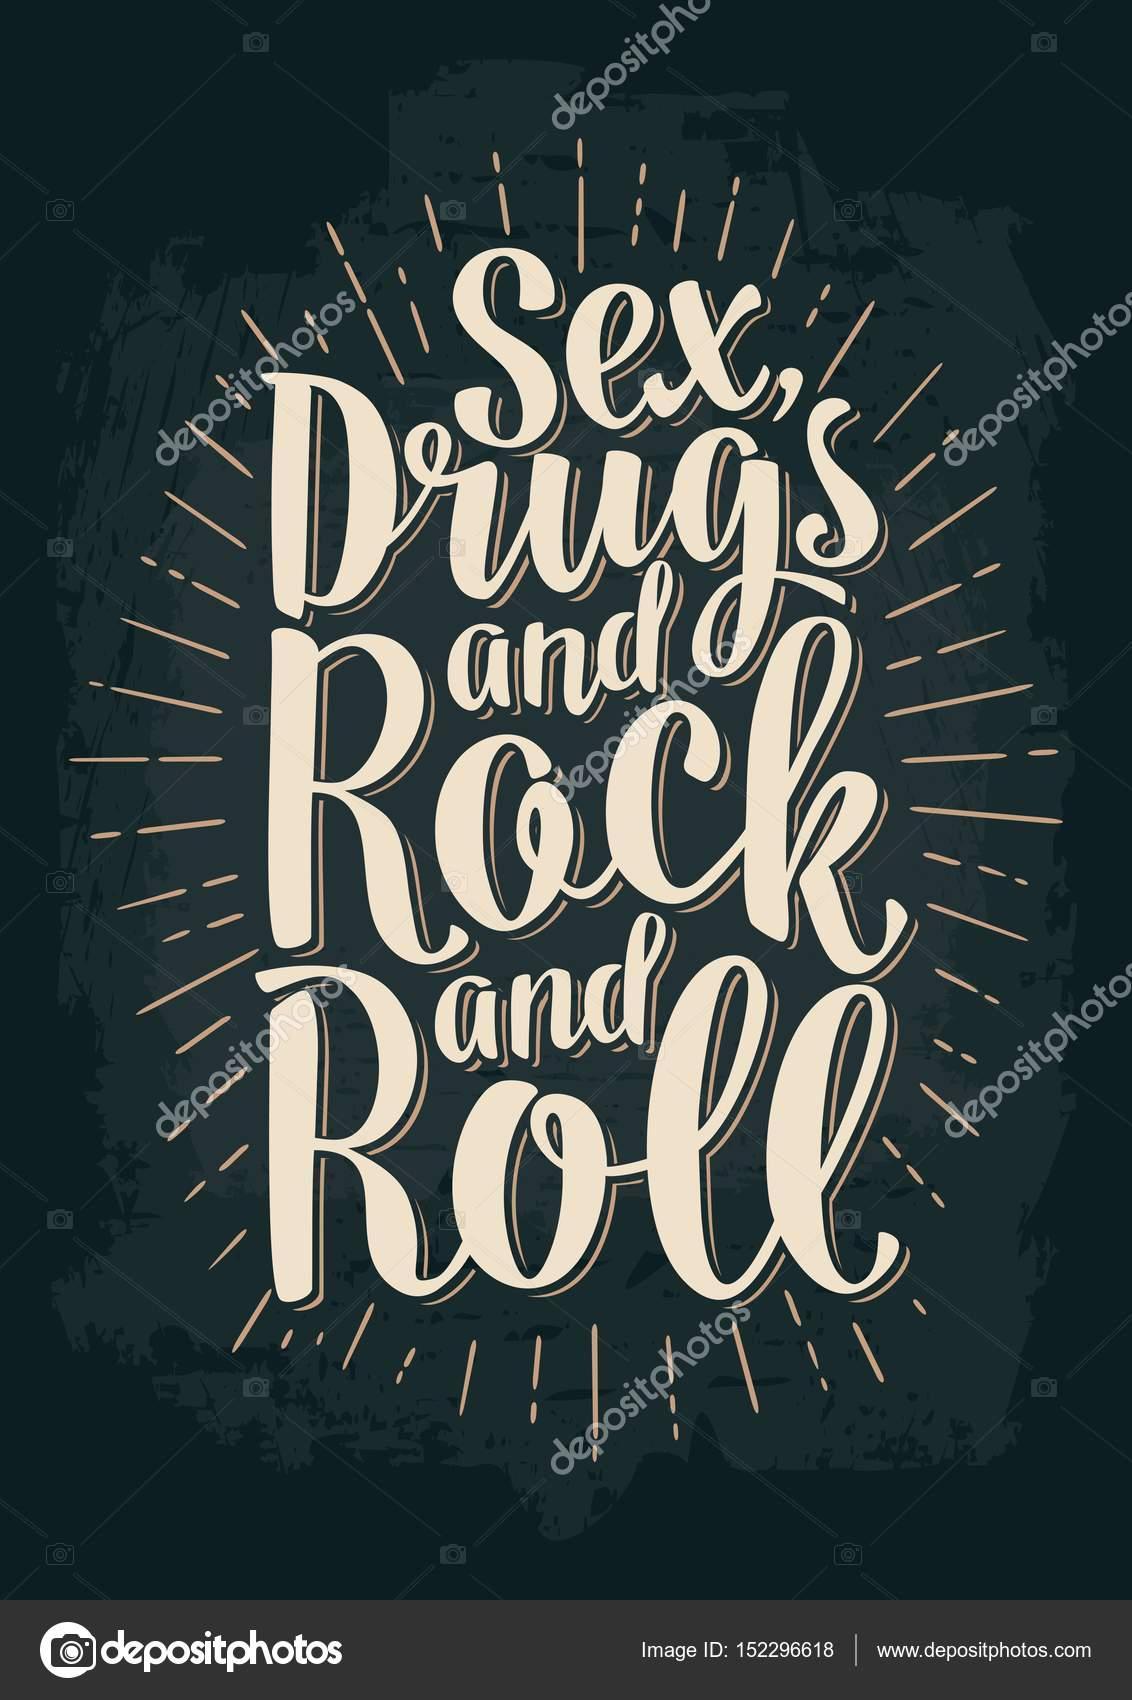 Fotos Fondos De Cumpleanos Rockeros Sexo Y Rock And Roll Letras